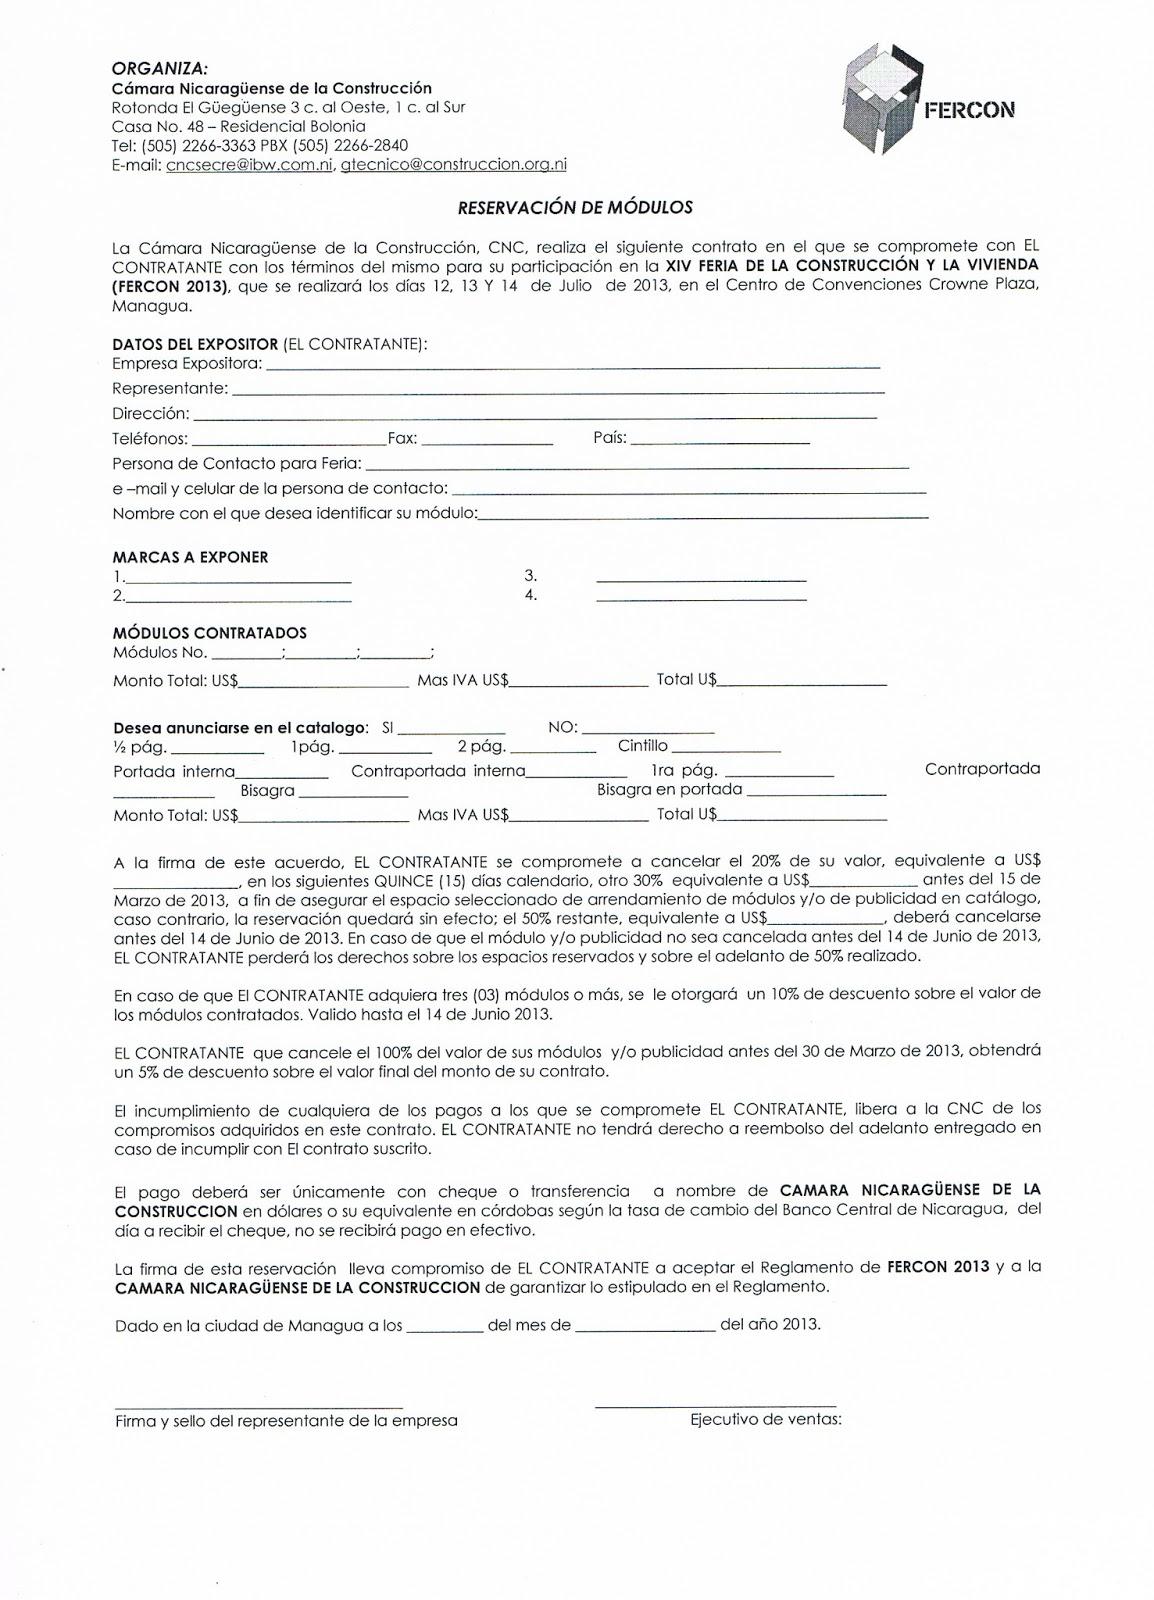 Xiv feria de la construcci n y la vivienda 2013 como for Modelo contrato alquiler vivienda sencillo